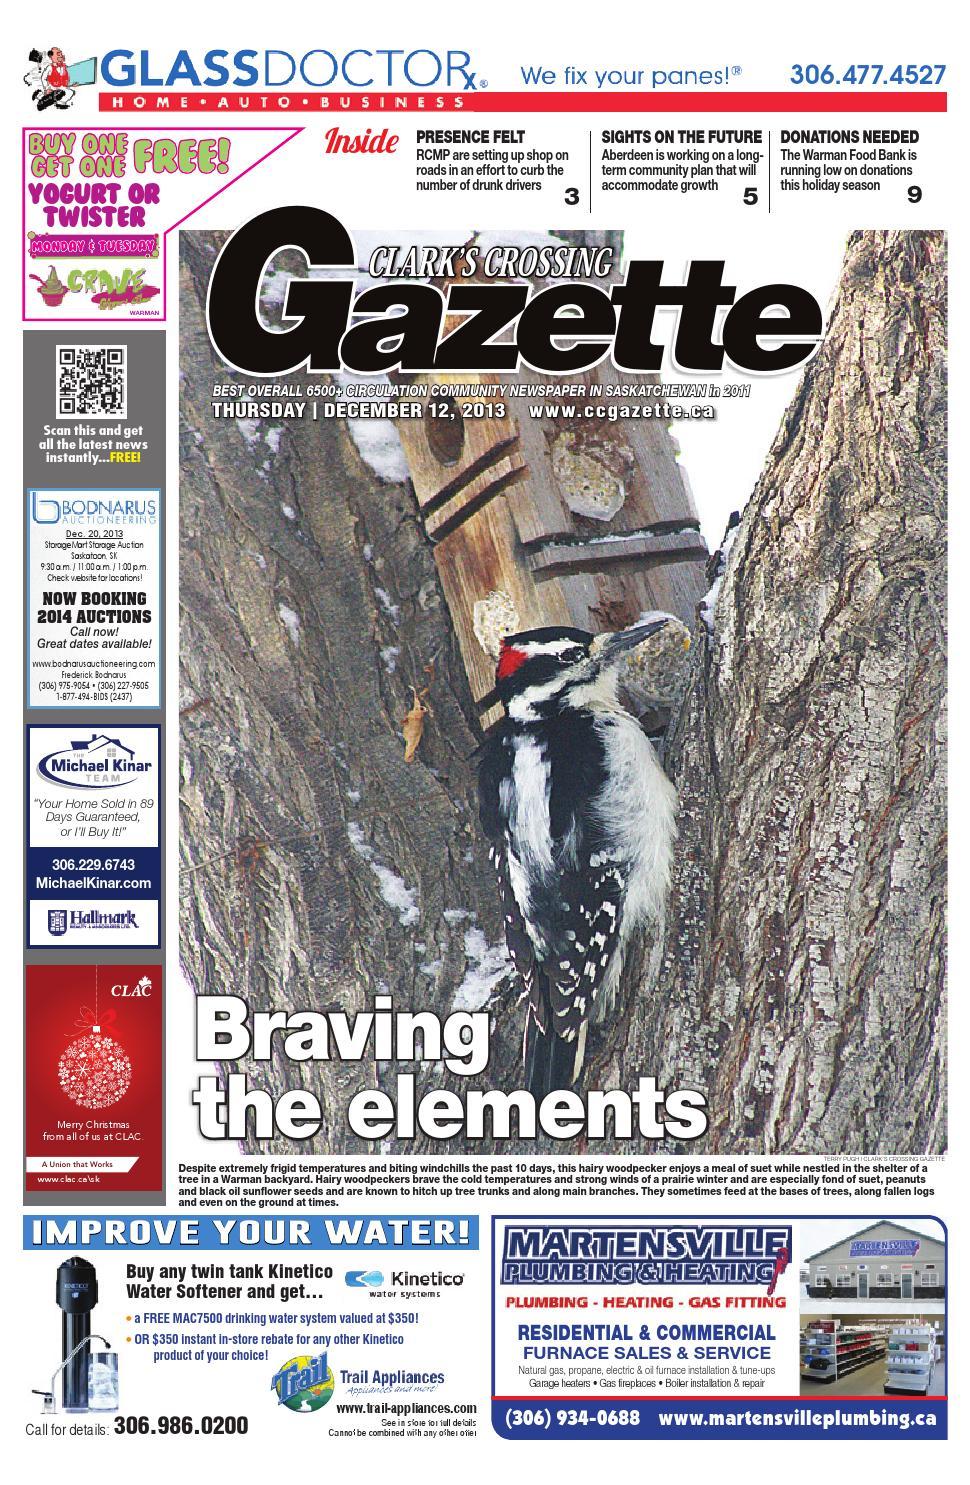 Clark's Crossing Gazette December 12, 2013 issue by Jenson